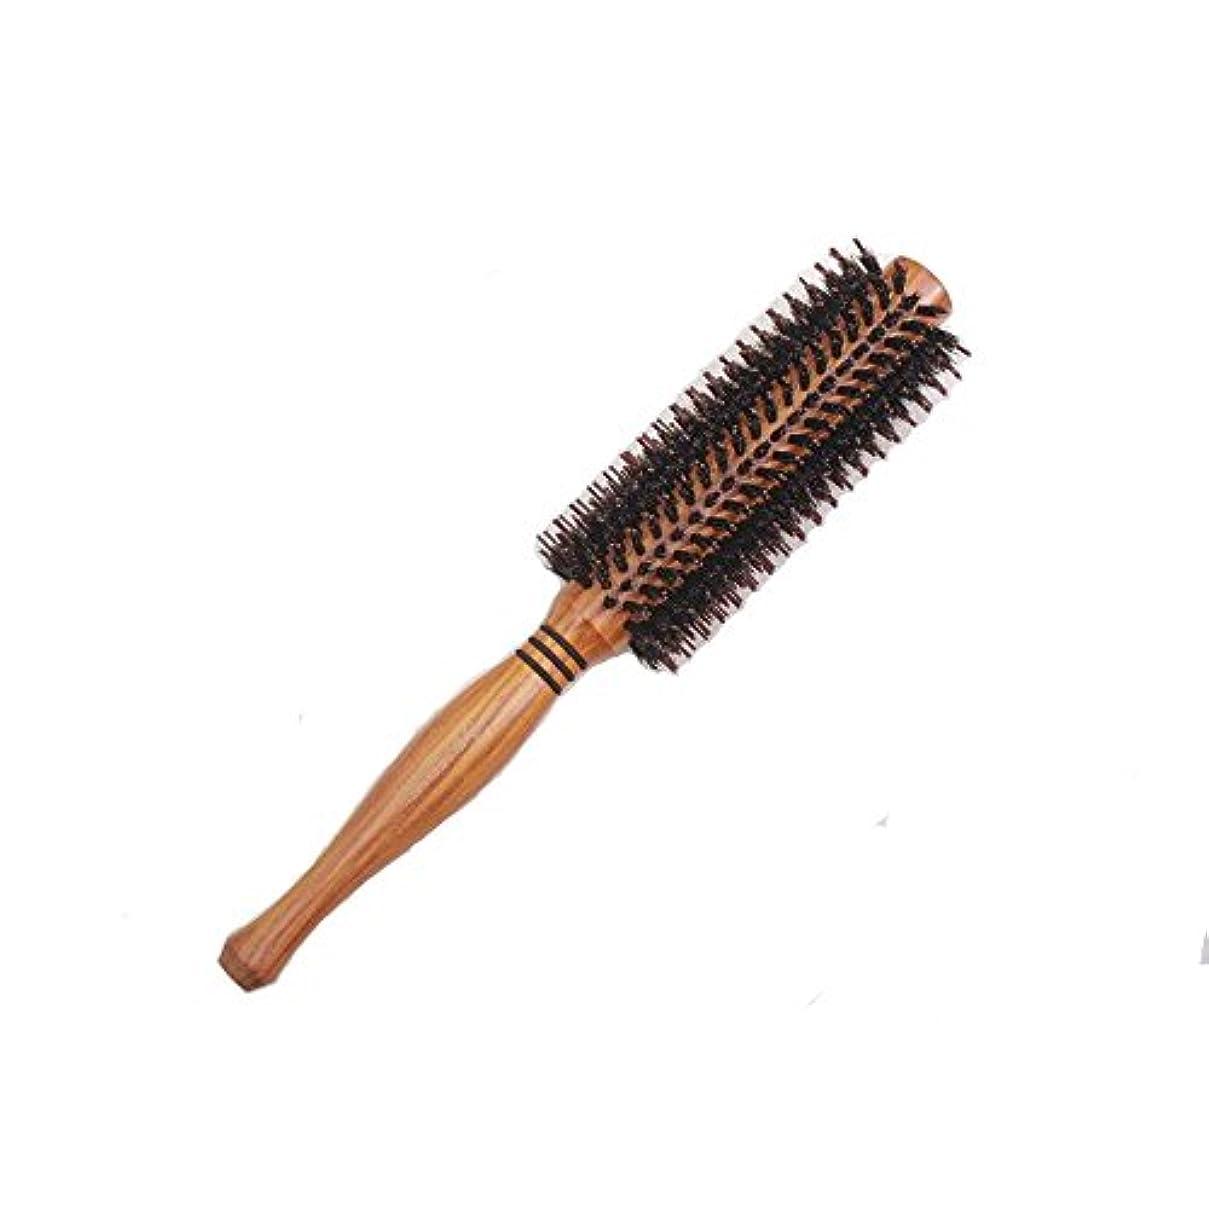 感心する支配的障害者天然ロールブラシ 豚毛 耐熱仕様 ブロー カール 巻き髪 ヘア ブラシ ロール